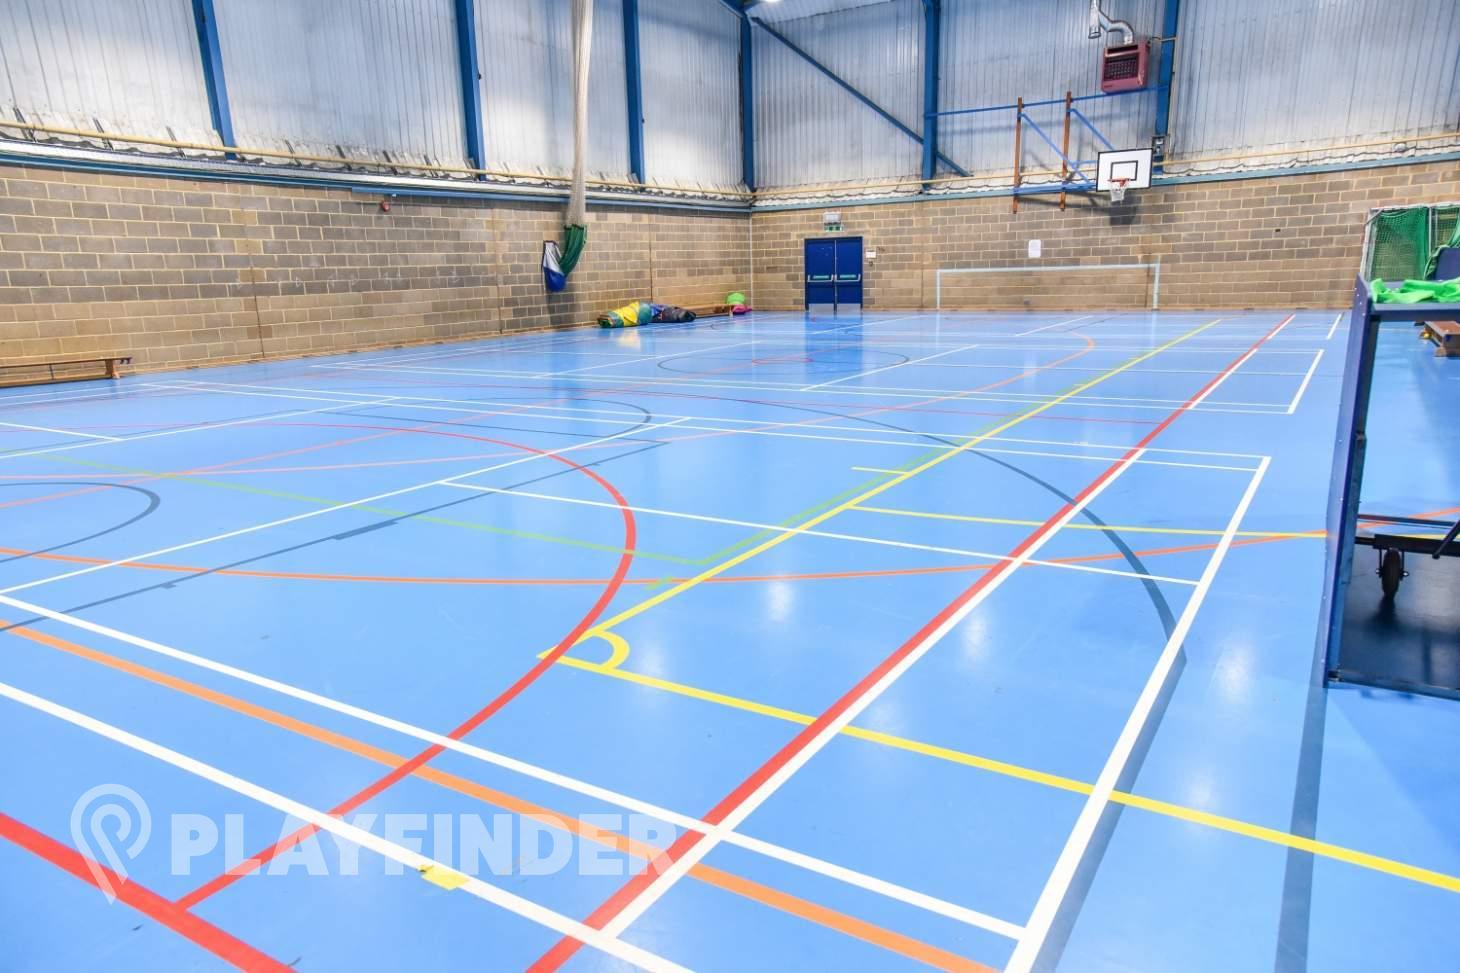 Aldenham School Sports Centre Indoor hockey pitch